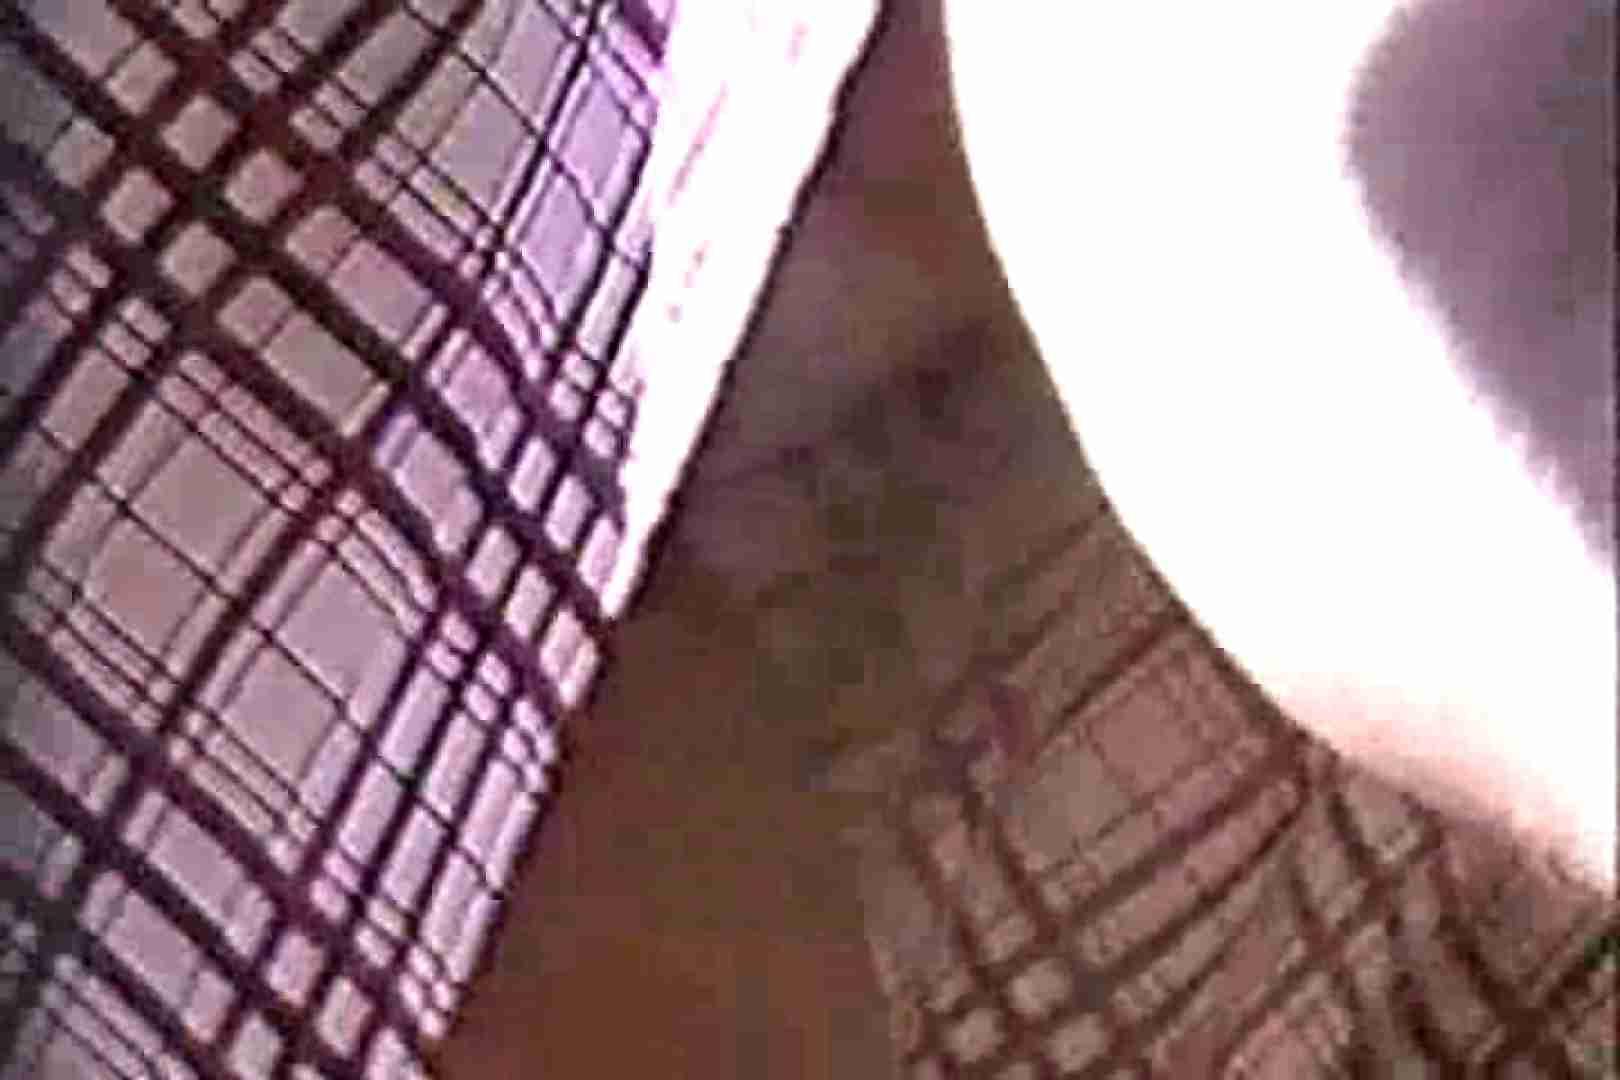 「ちくりん」さんのオリジナル未編集パンチラVol.1_01 OL  102枚 88